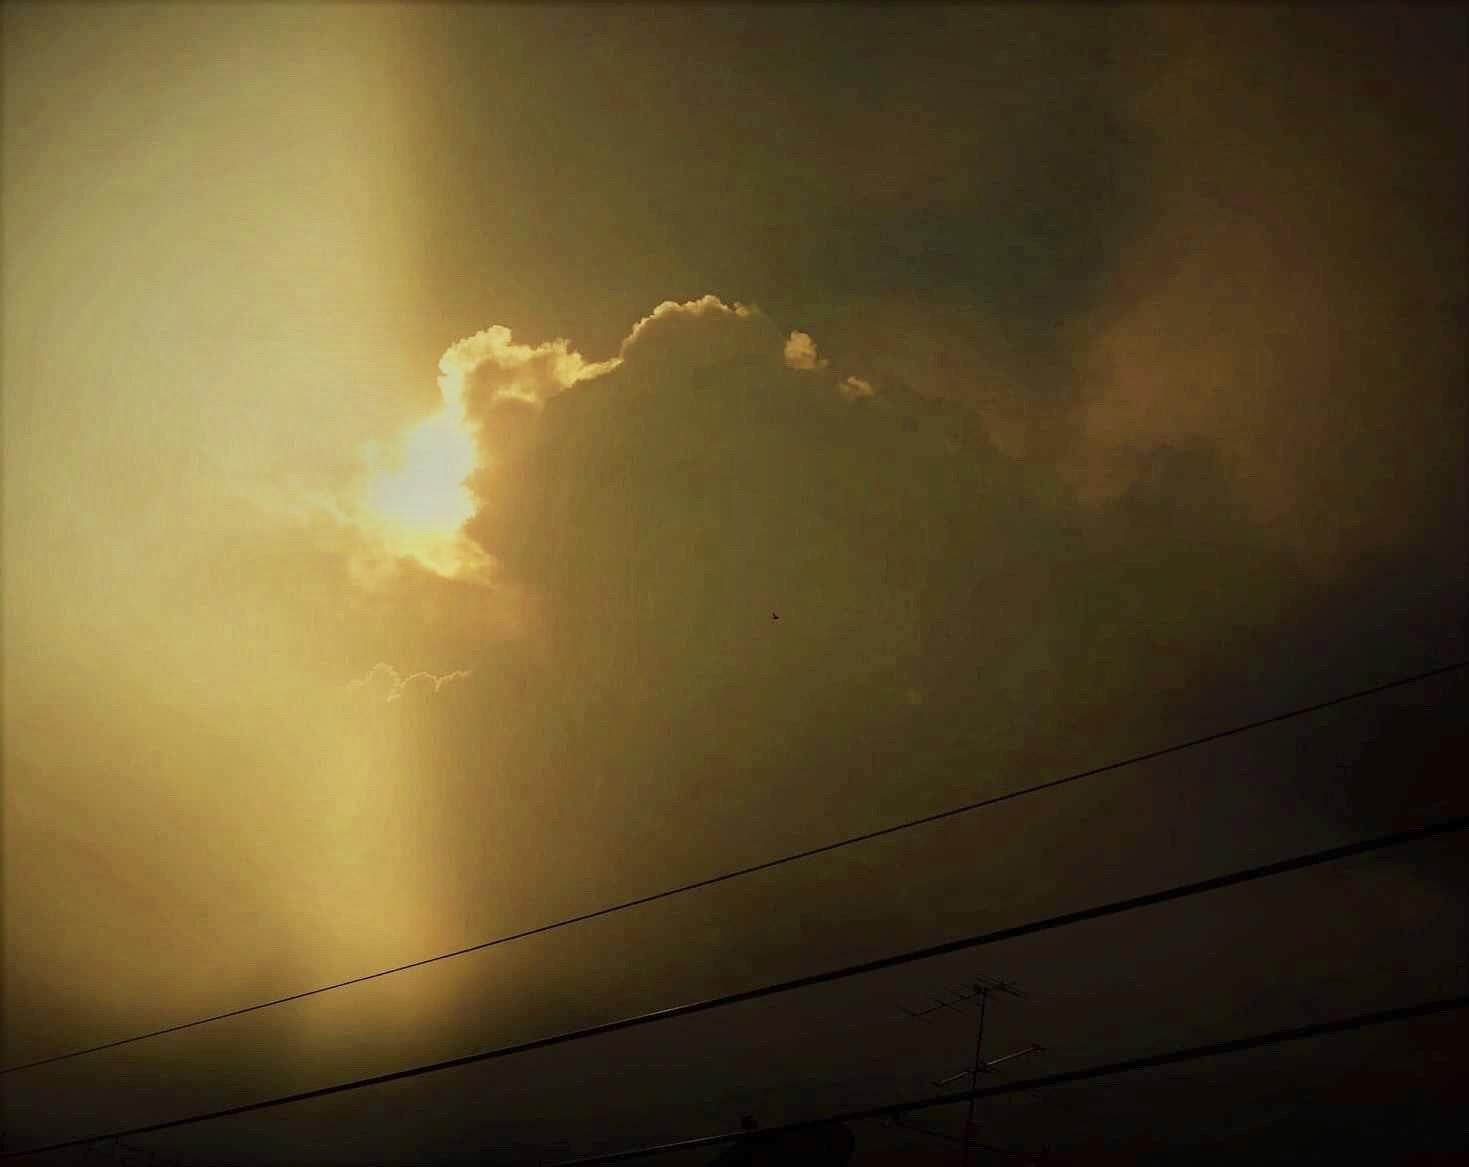 Sunlight ray from the dark cloud . 🌤⛅️🌥 ( รัสมีแสงอาทิตย์ที่ส่องออกมาจากเมฆดำ 🌤⛅️🌥)